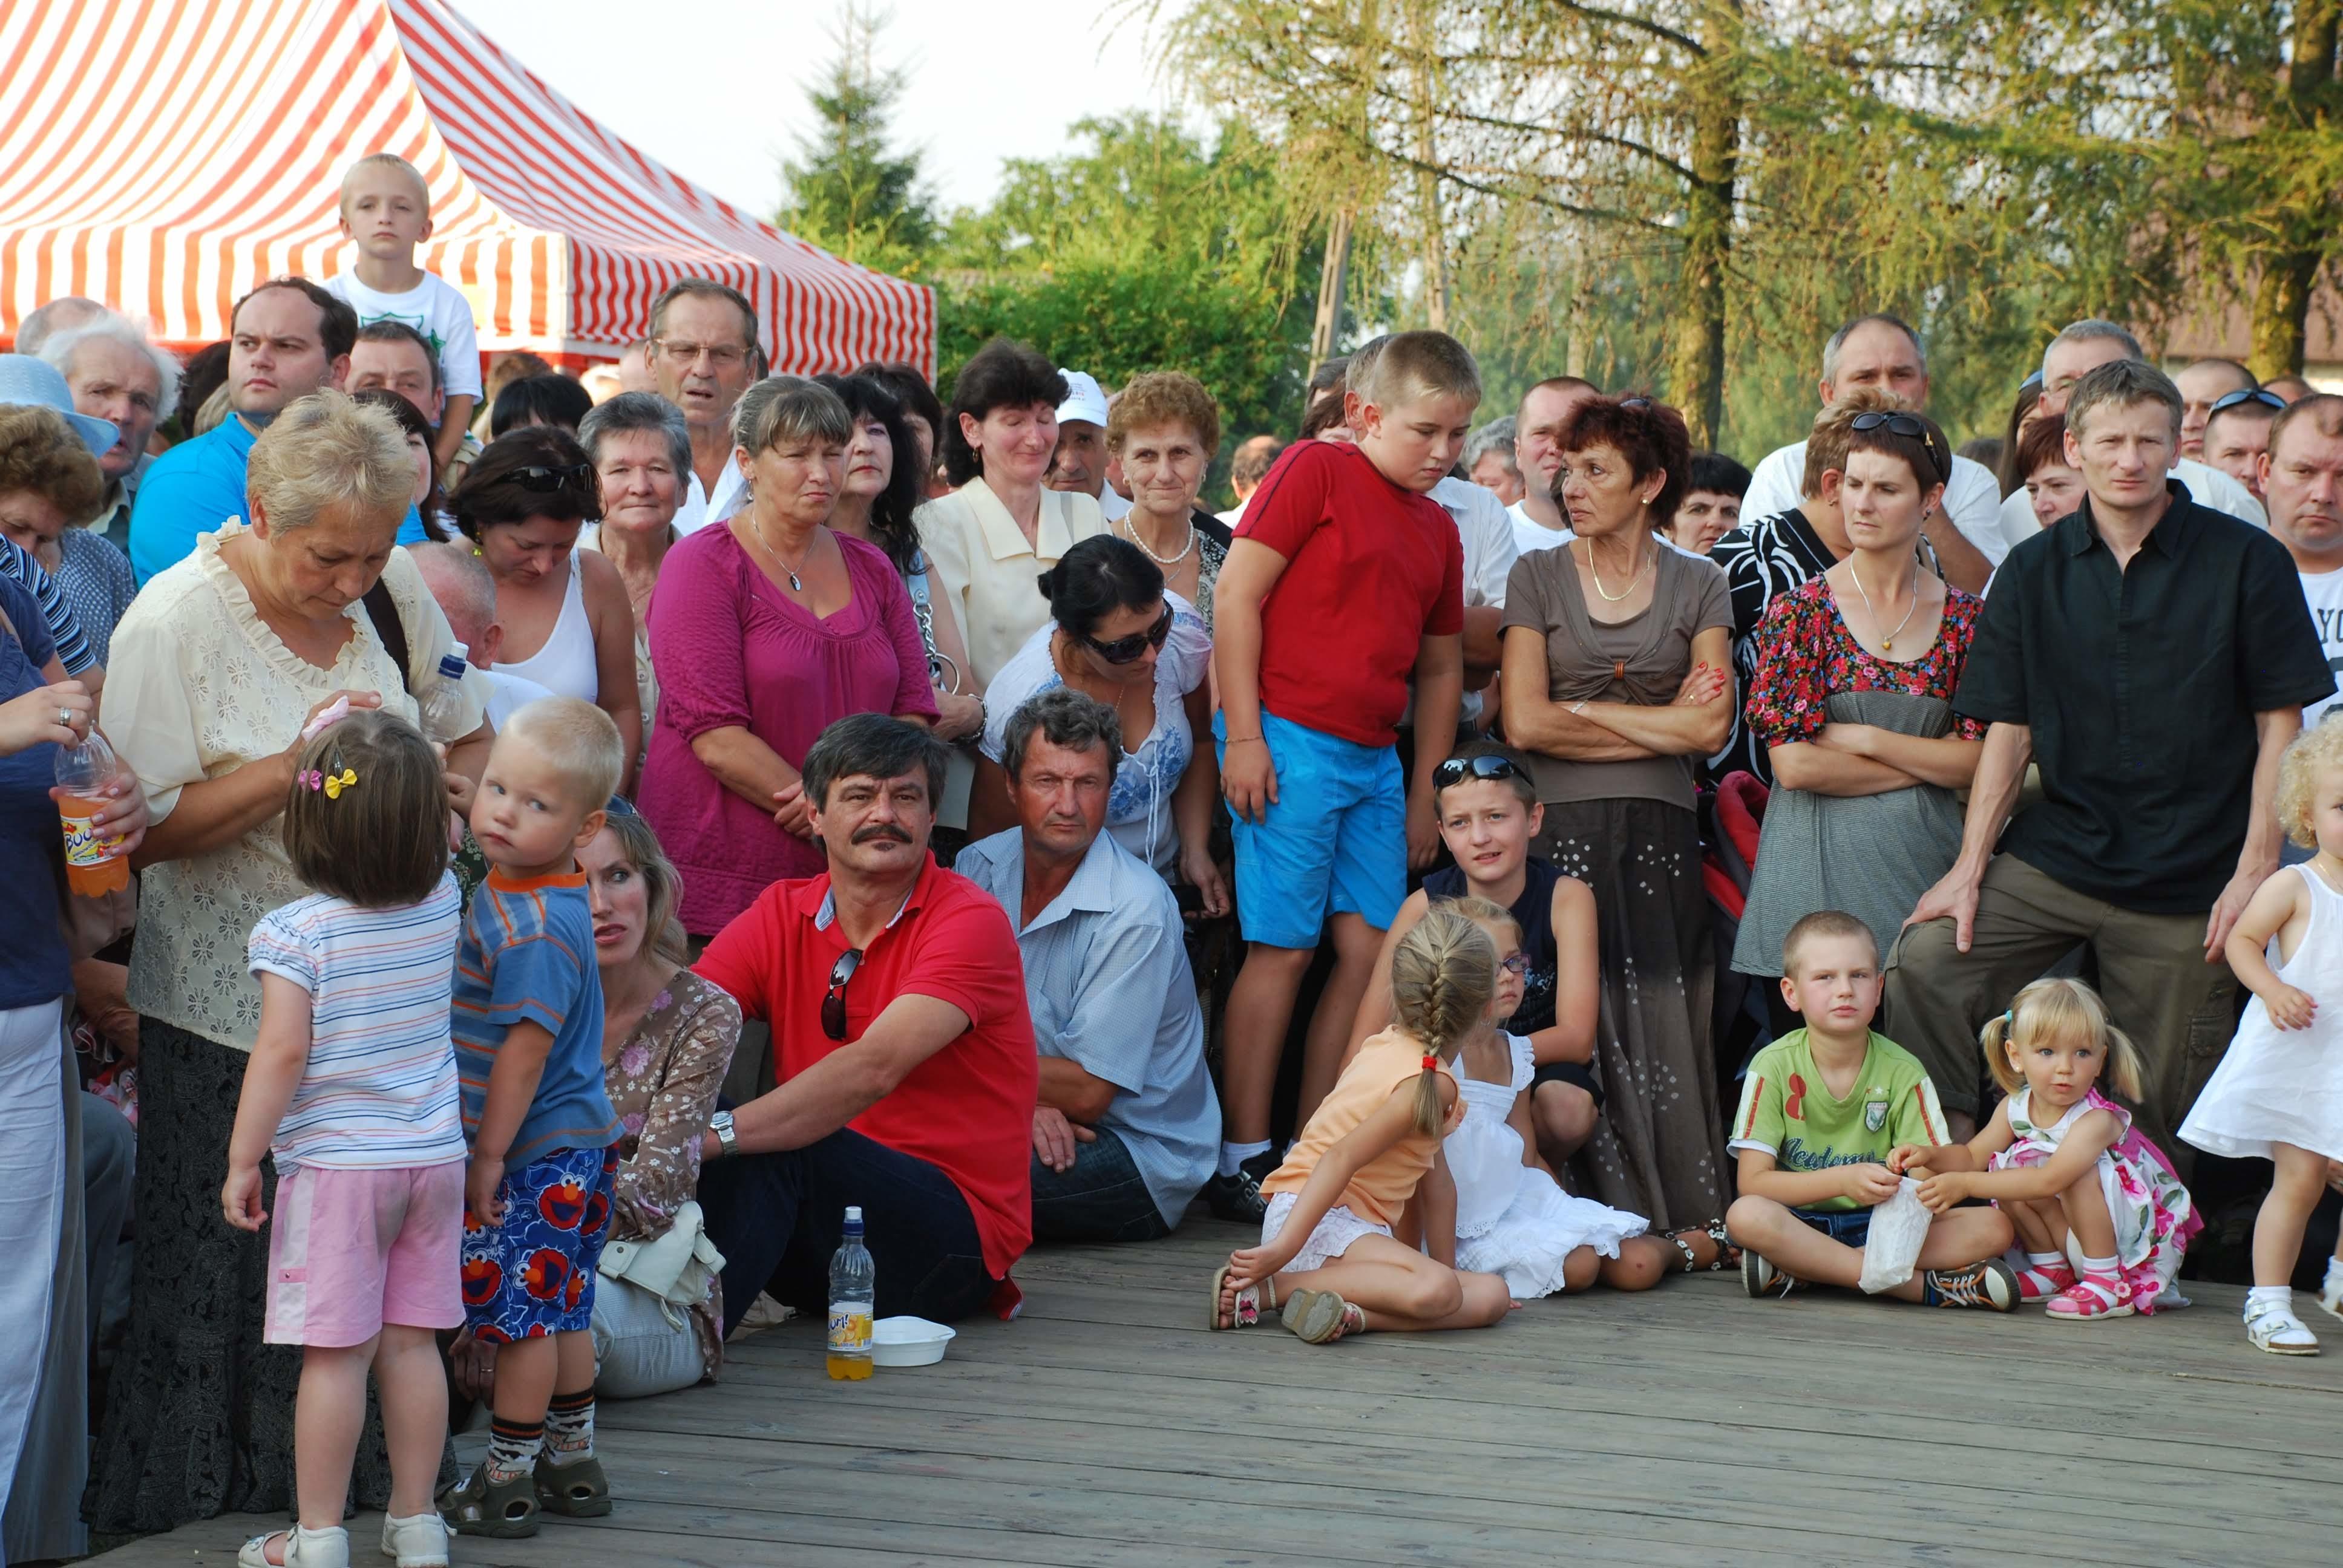 DEKADĘ TEMU. Tłumy na Albertynkach w Kolbuszowej [FOTO] - Zdjęcie główne